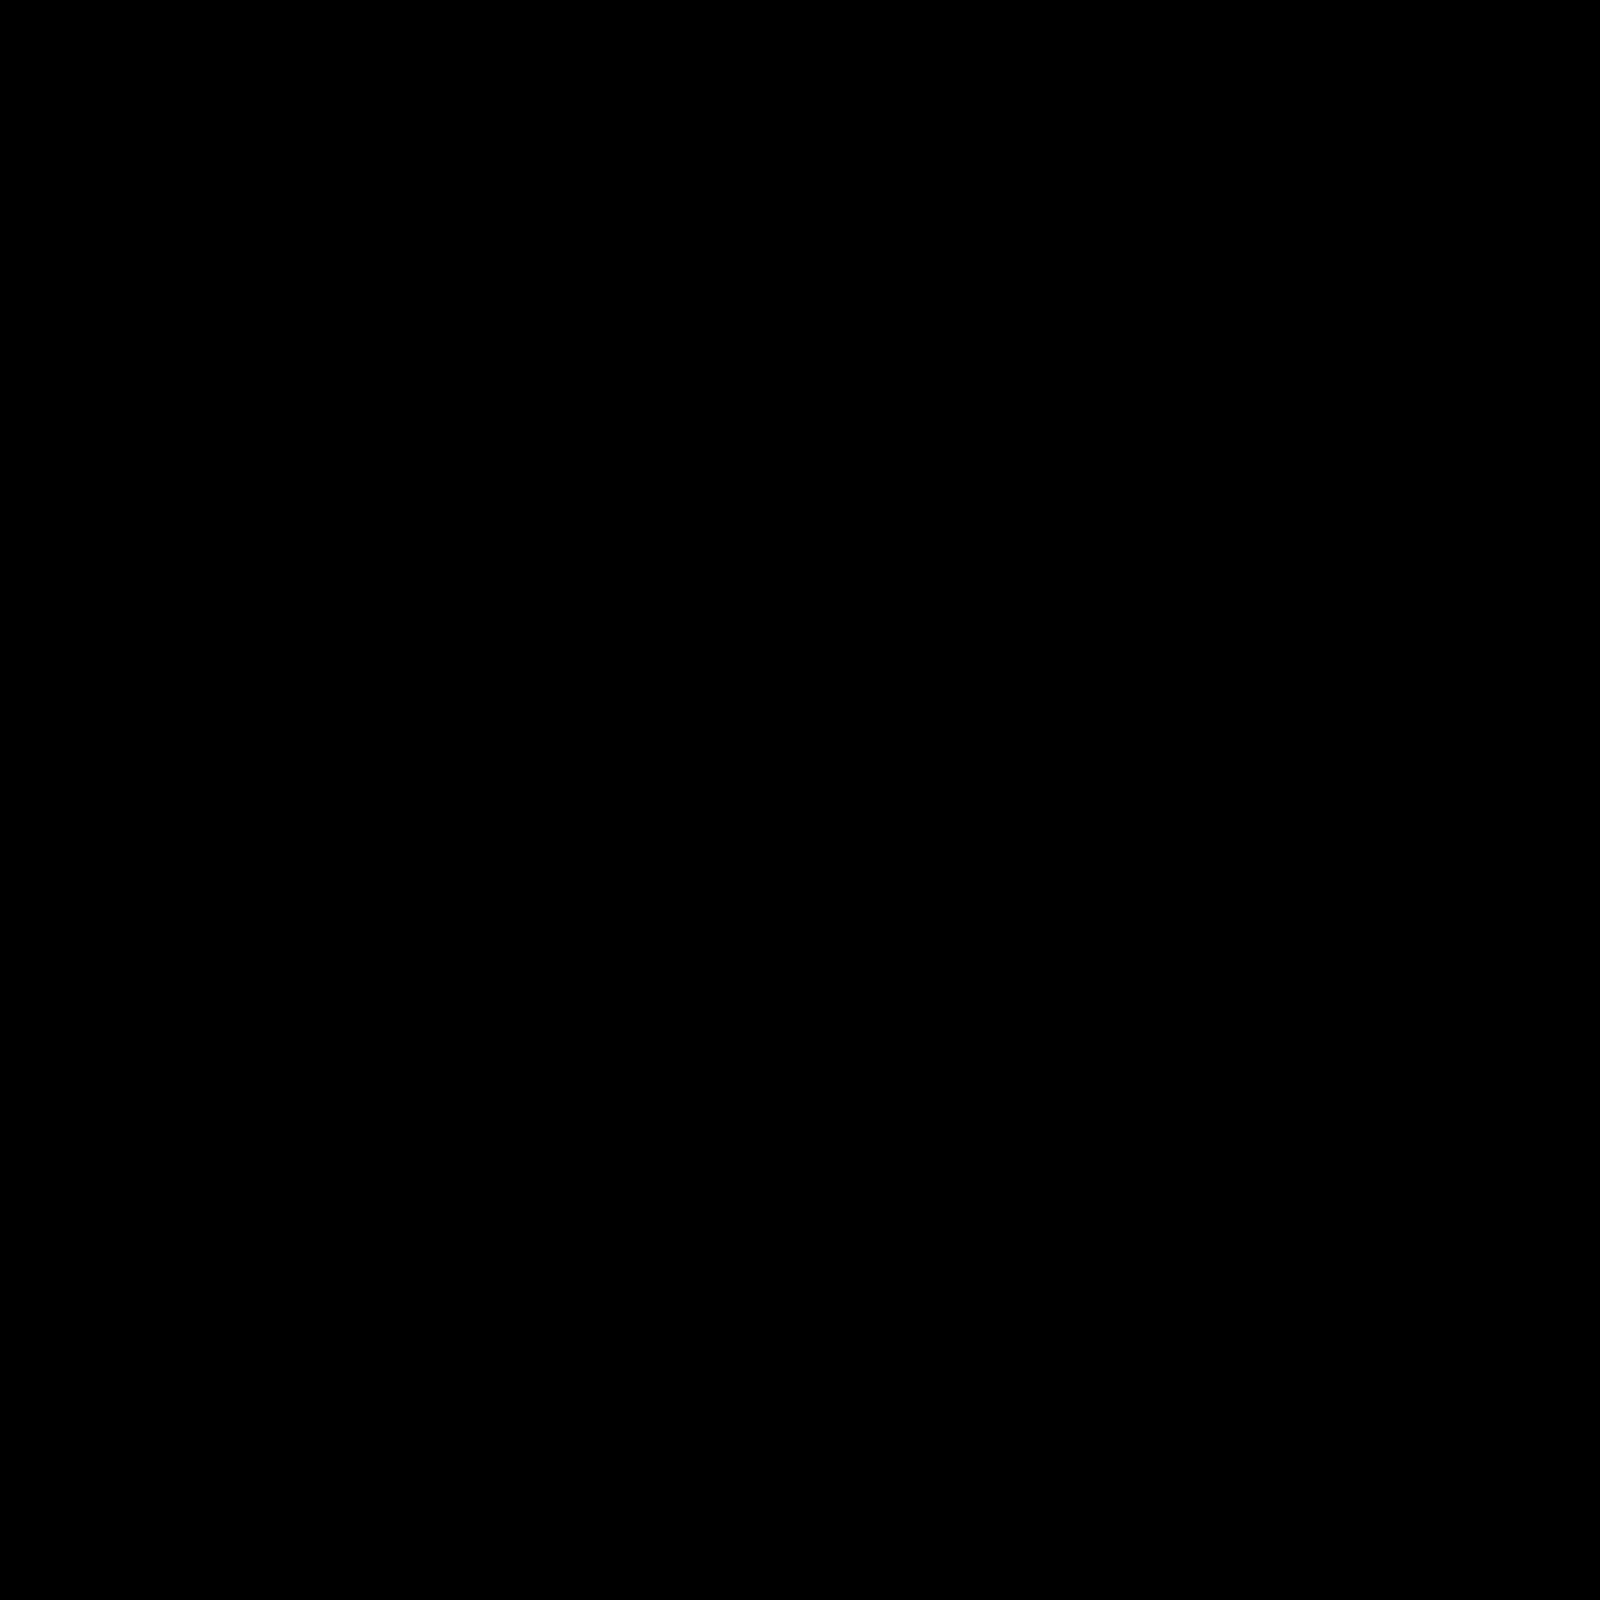 4WD icon